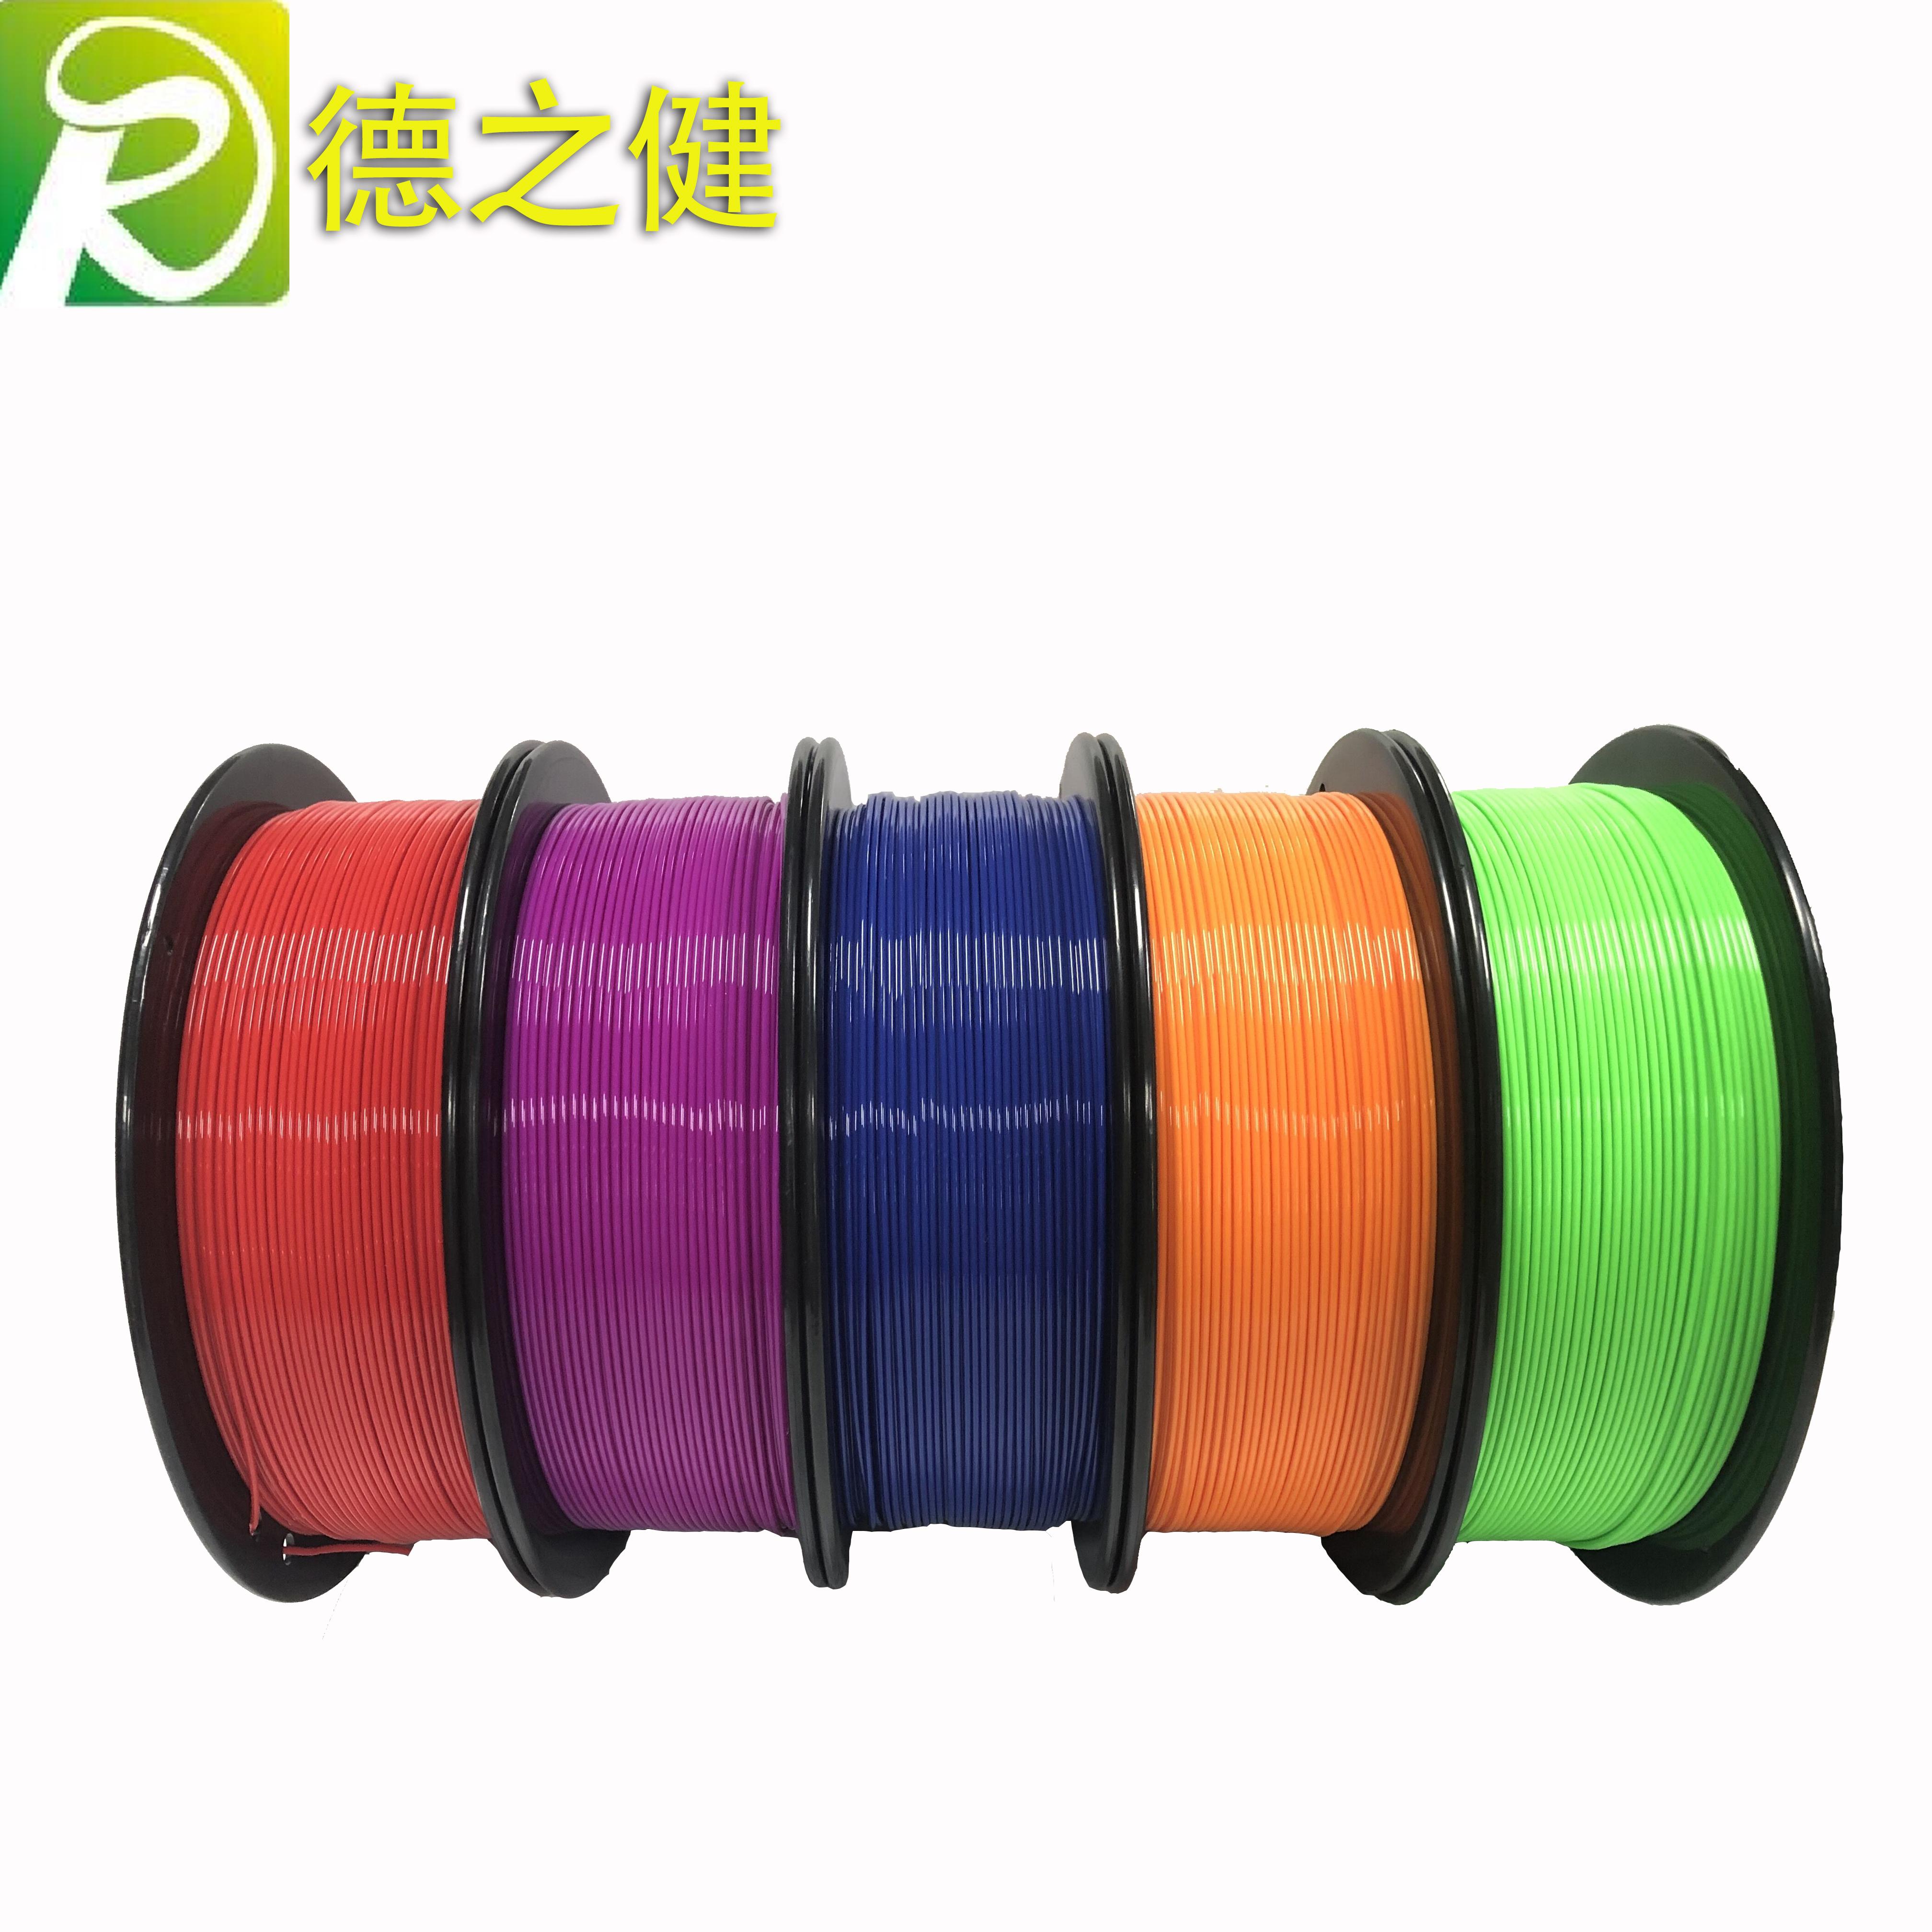 全新環保料生產PLA3d打印耗材/3D打印機耗材